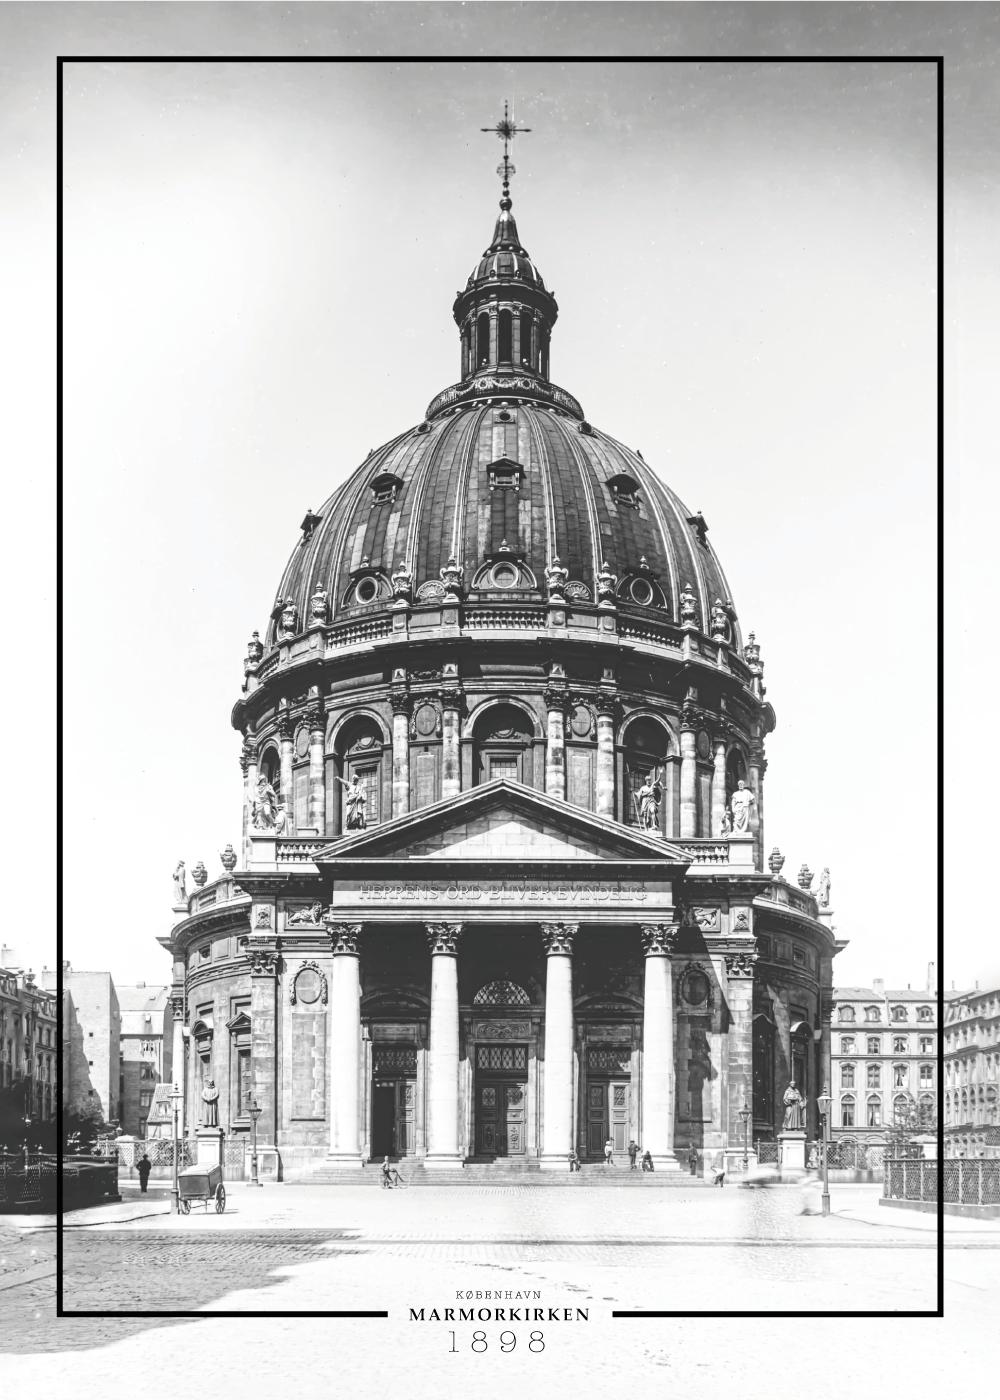 Marmorkirken - Gamle billeder af København plakat